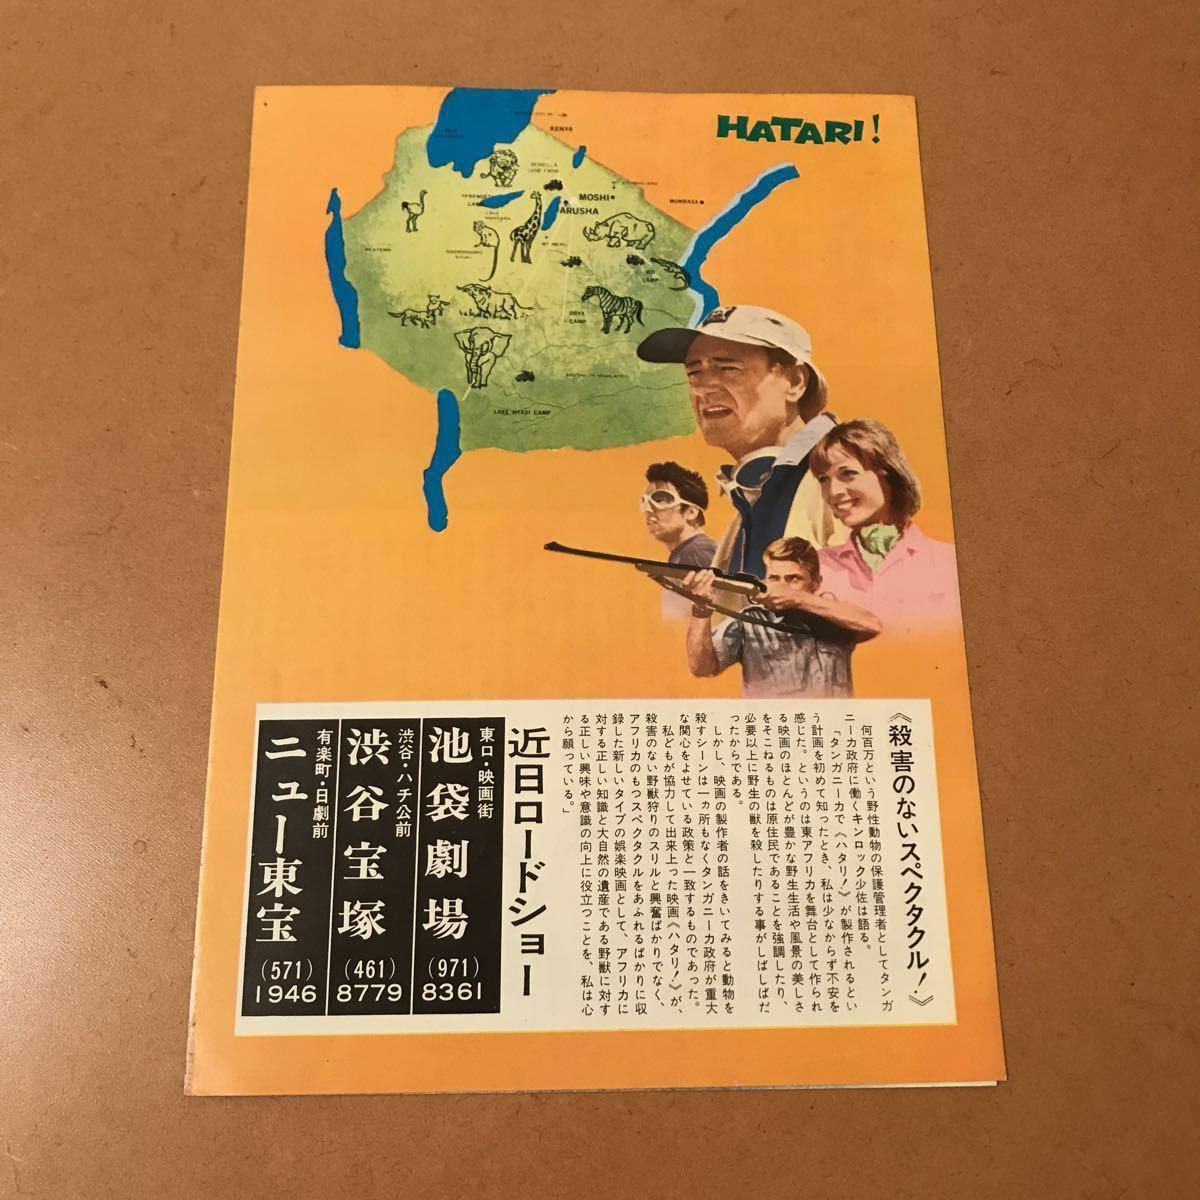 【映画チラシ】『ハタリ!』1962年初公開作品 主演:ジョン・ウェイン 通常B5版2枚折チラシ_画像2